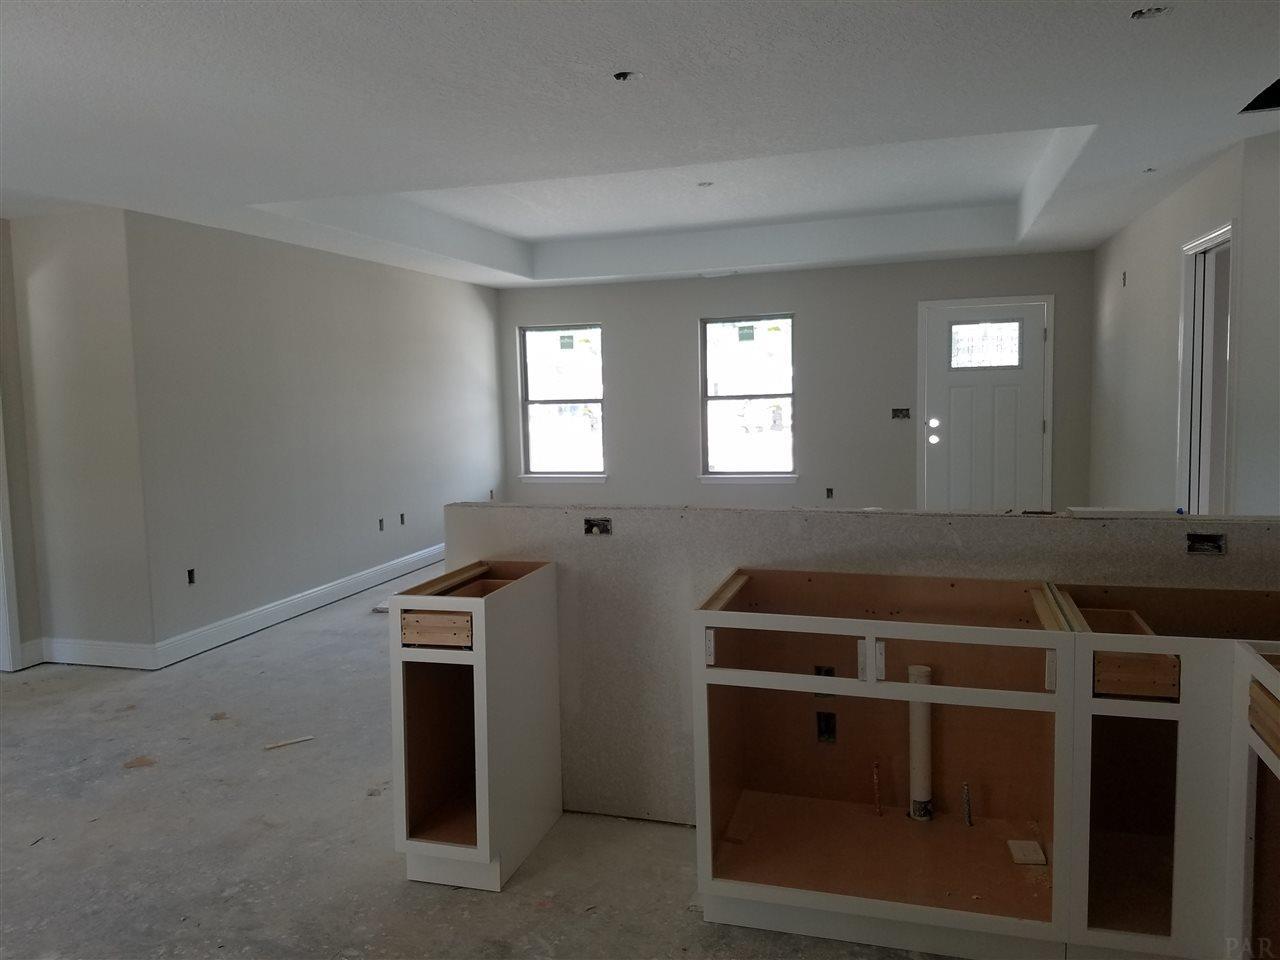 4841 Whitewood Rd, Gulf Breeze, FL 32563